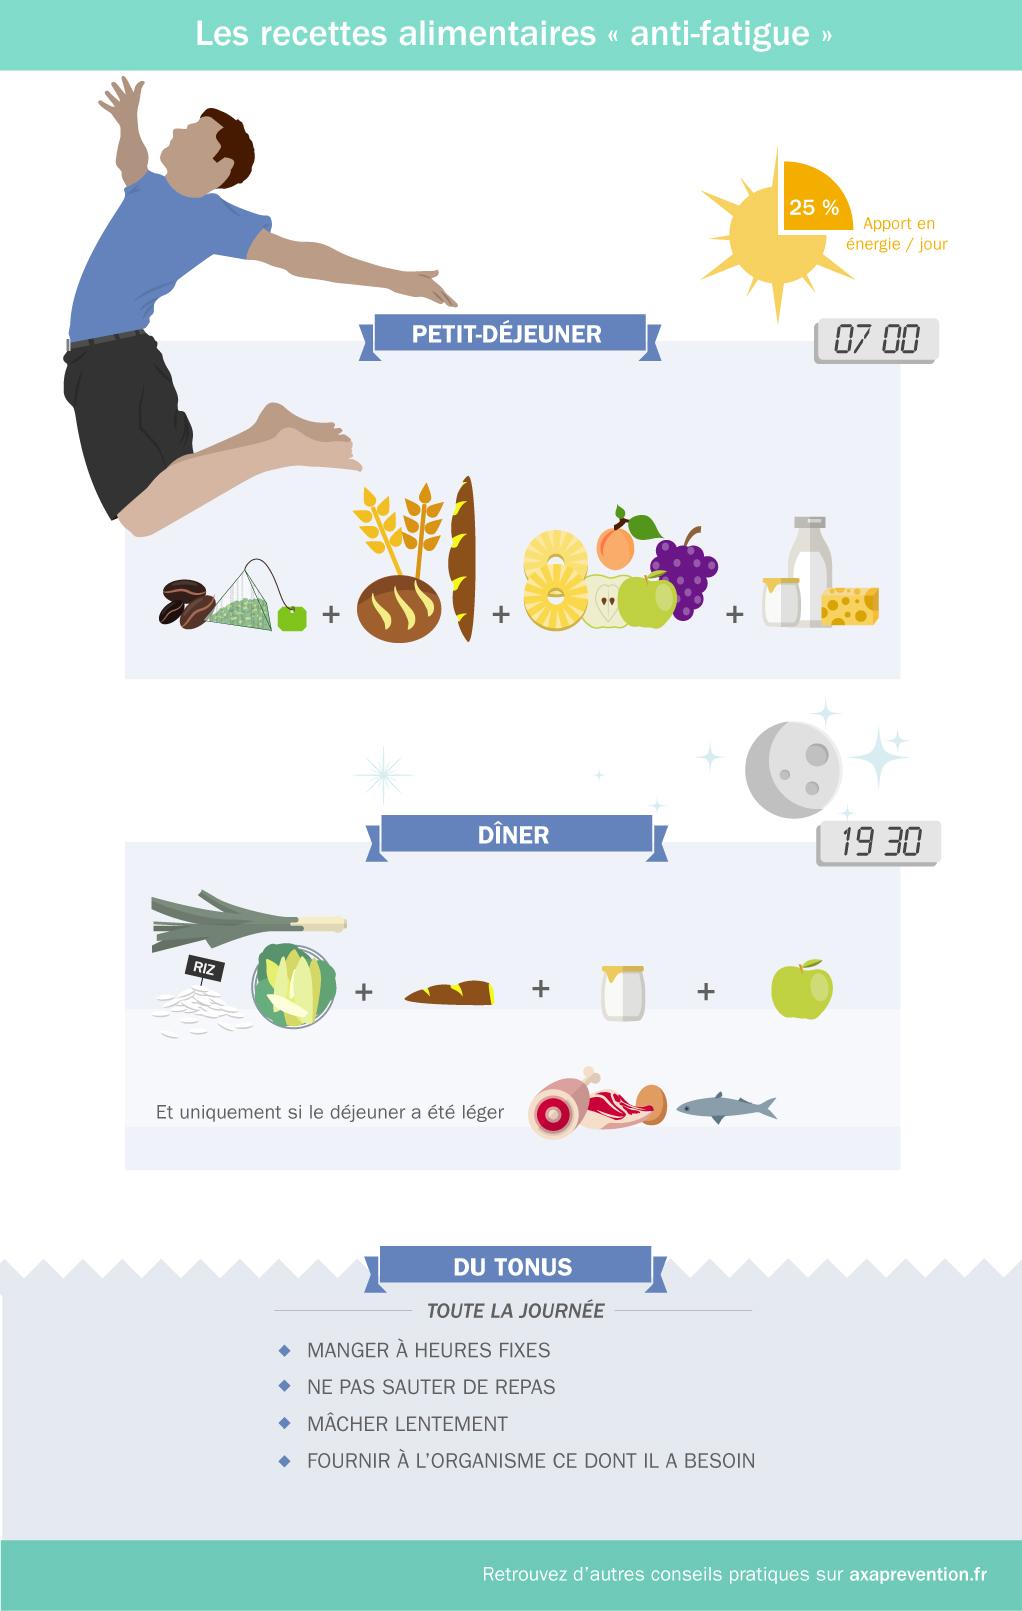 Les recettes alimentaires